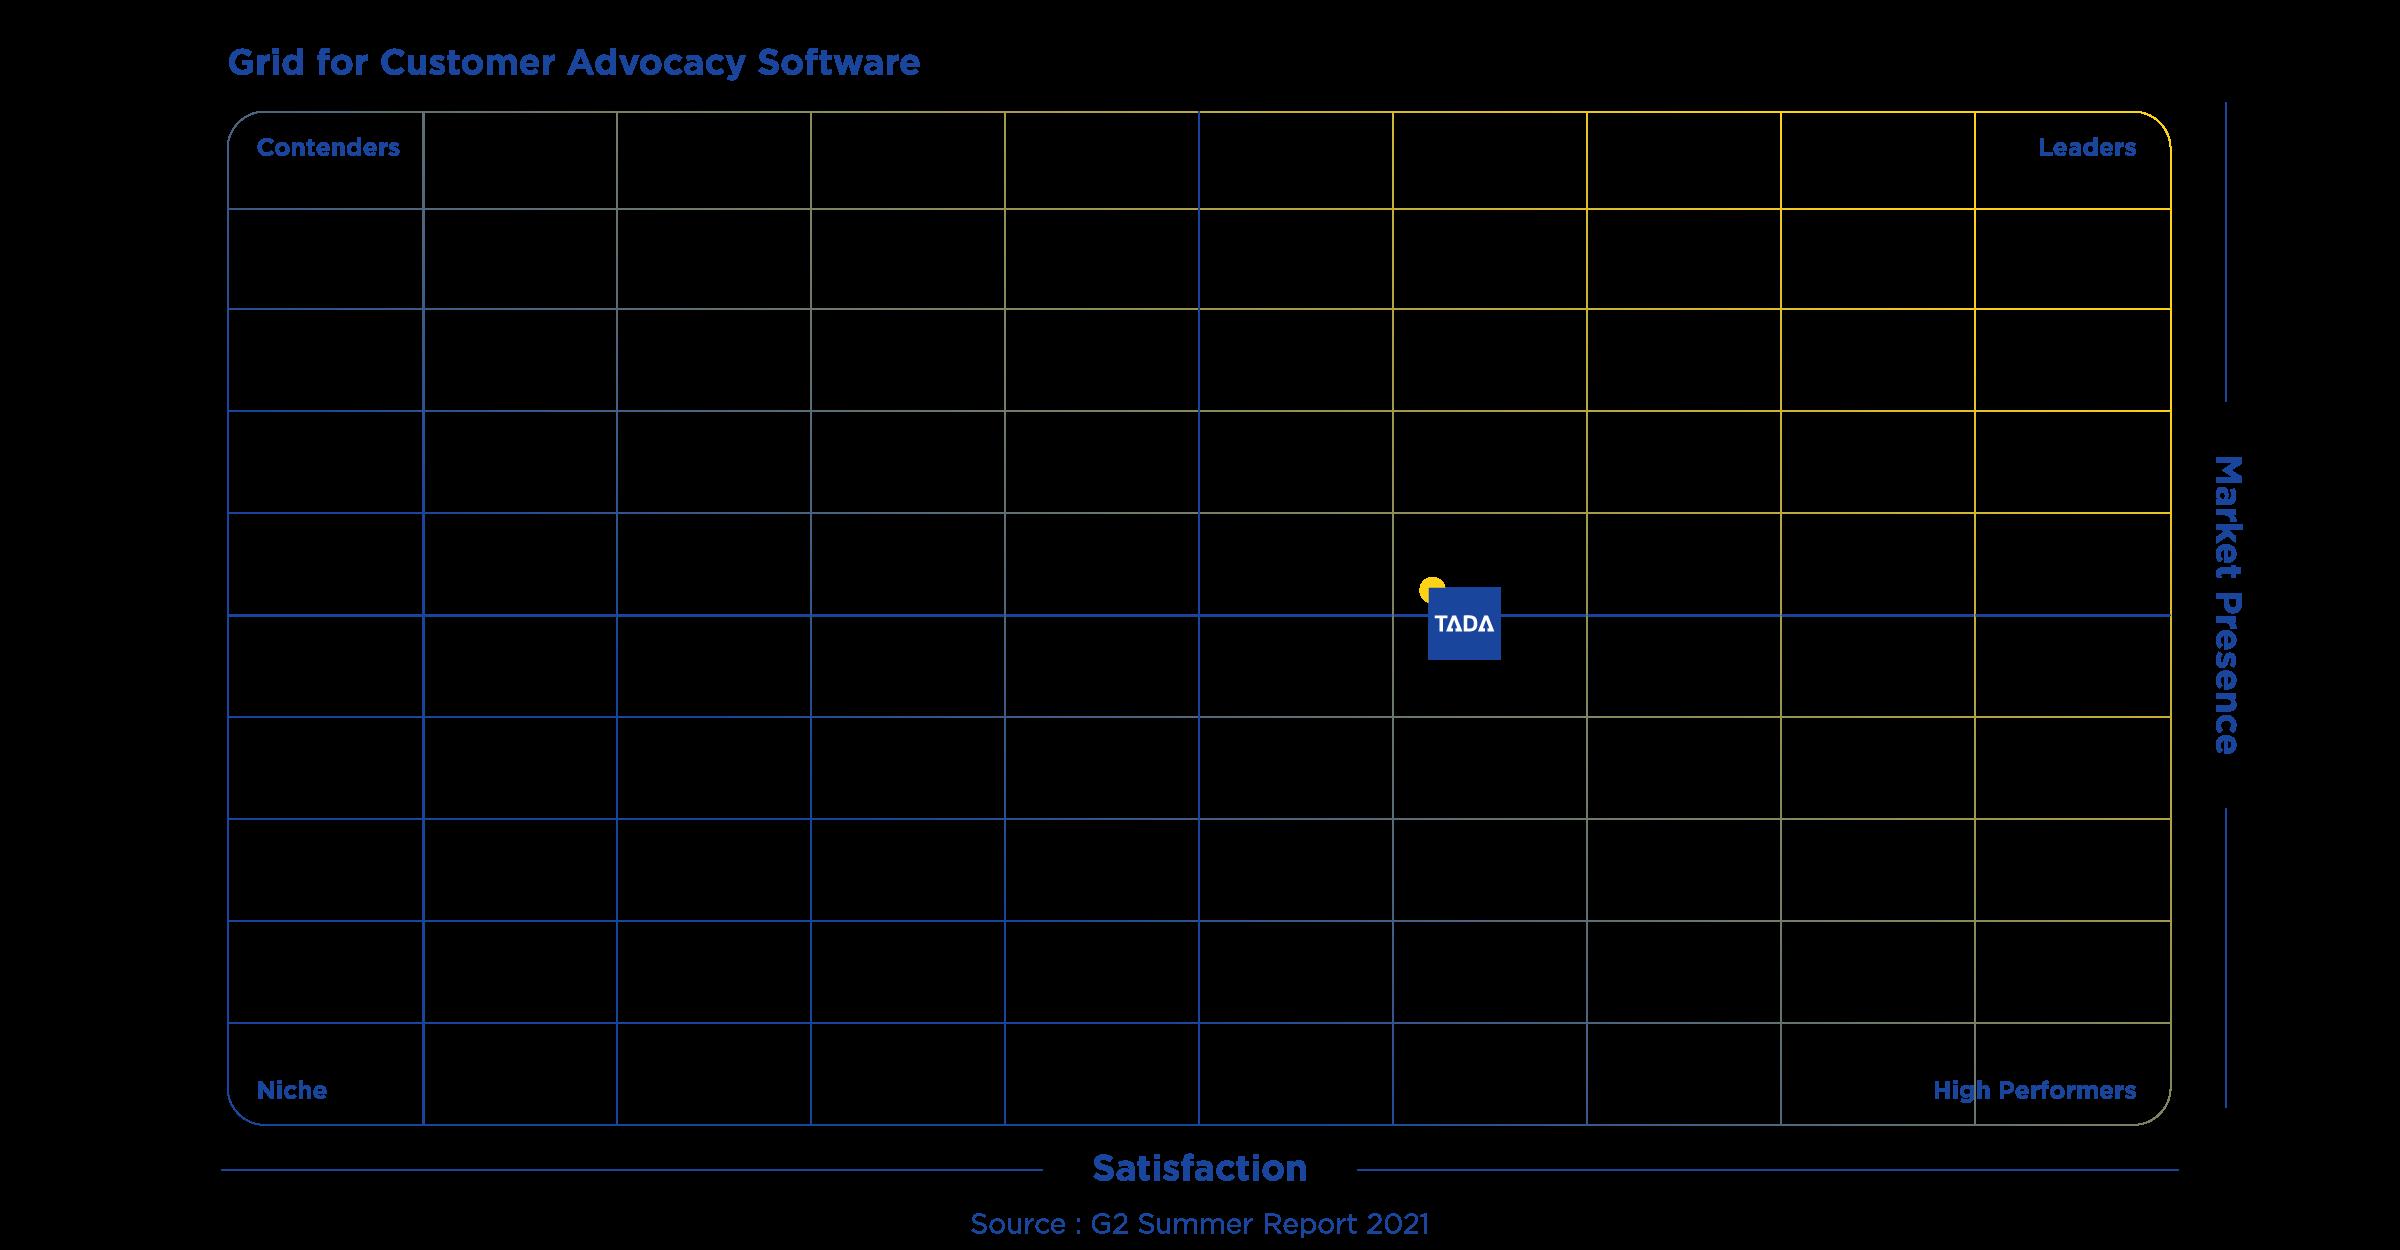 TADA G2 Customer Advocacy Grid